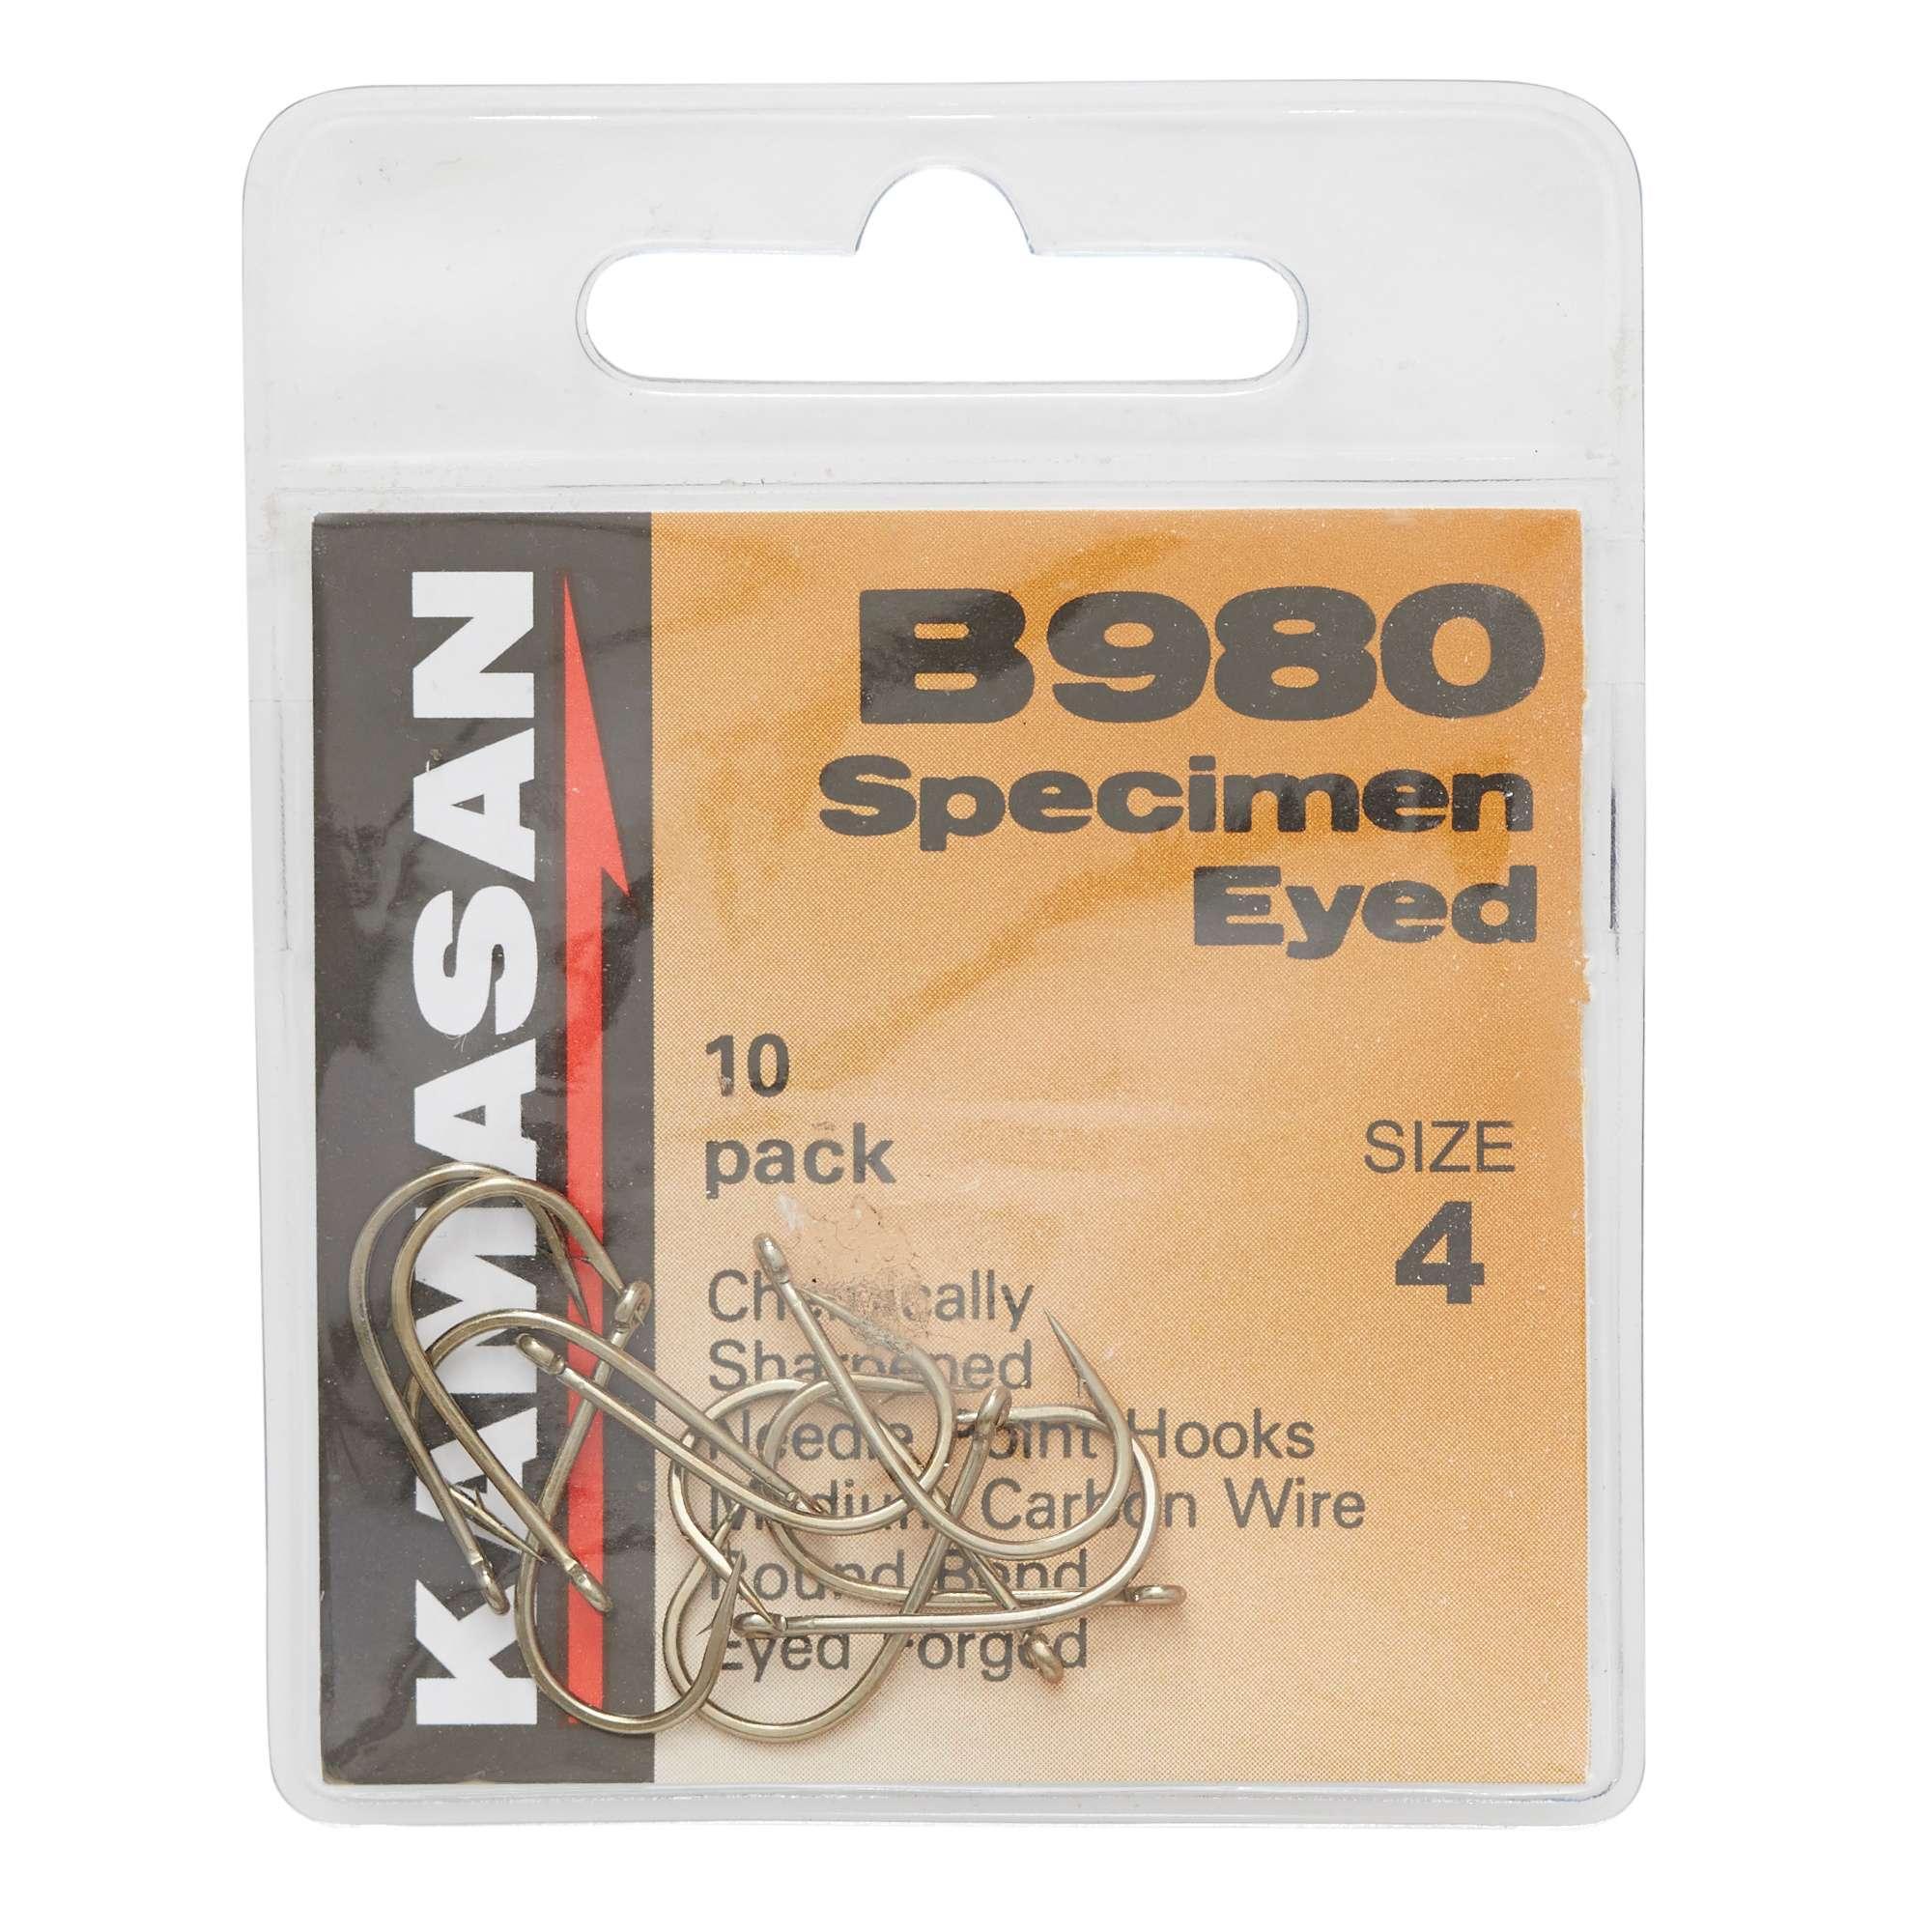 KAMASAN B980 Barbed Specimen Eyed Hooks - Size 4